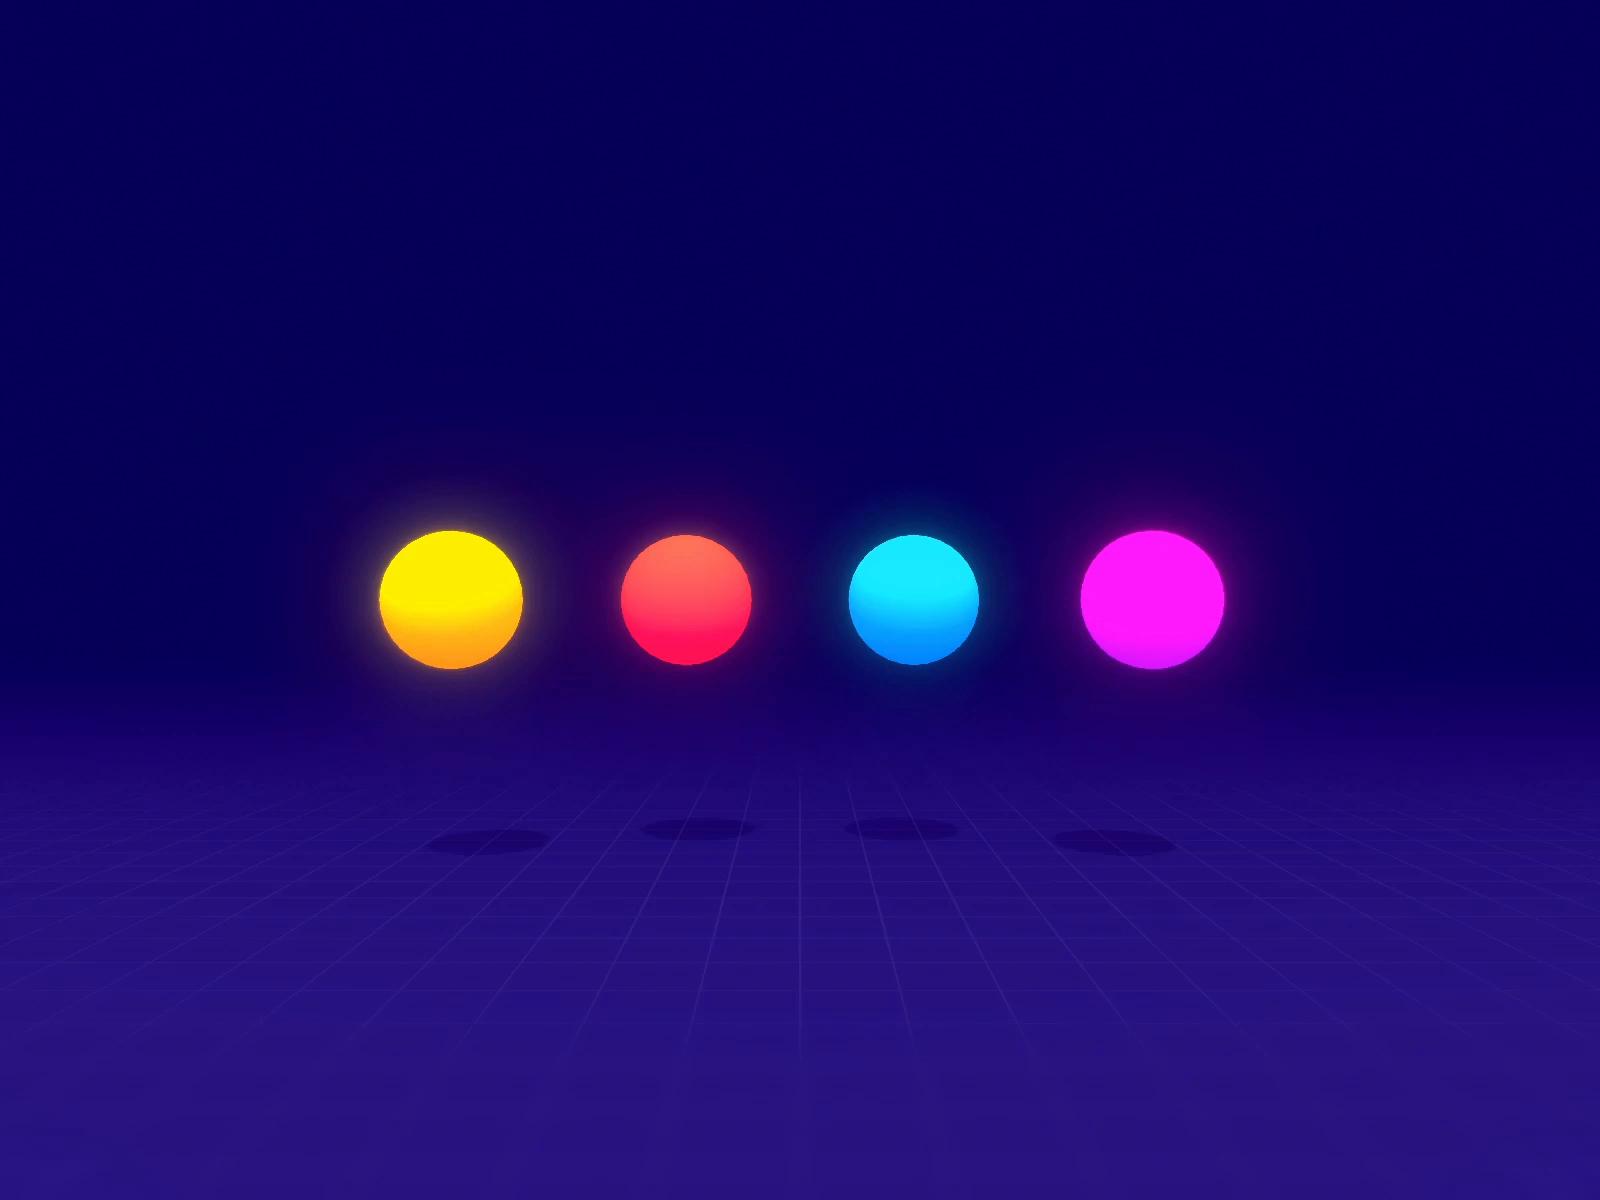 Rotating dots 4s